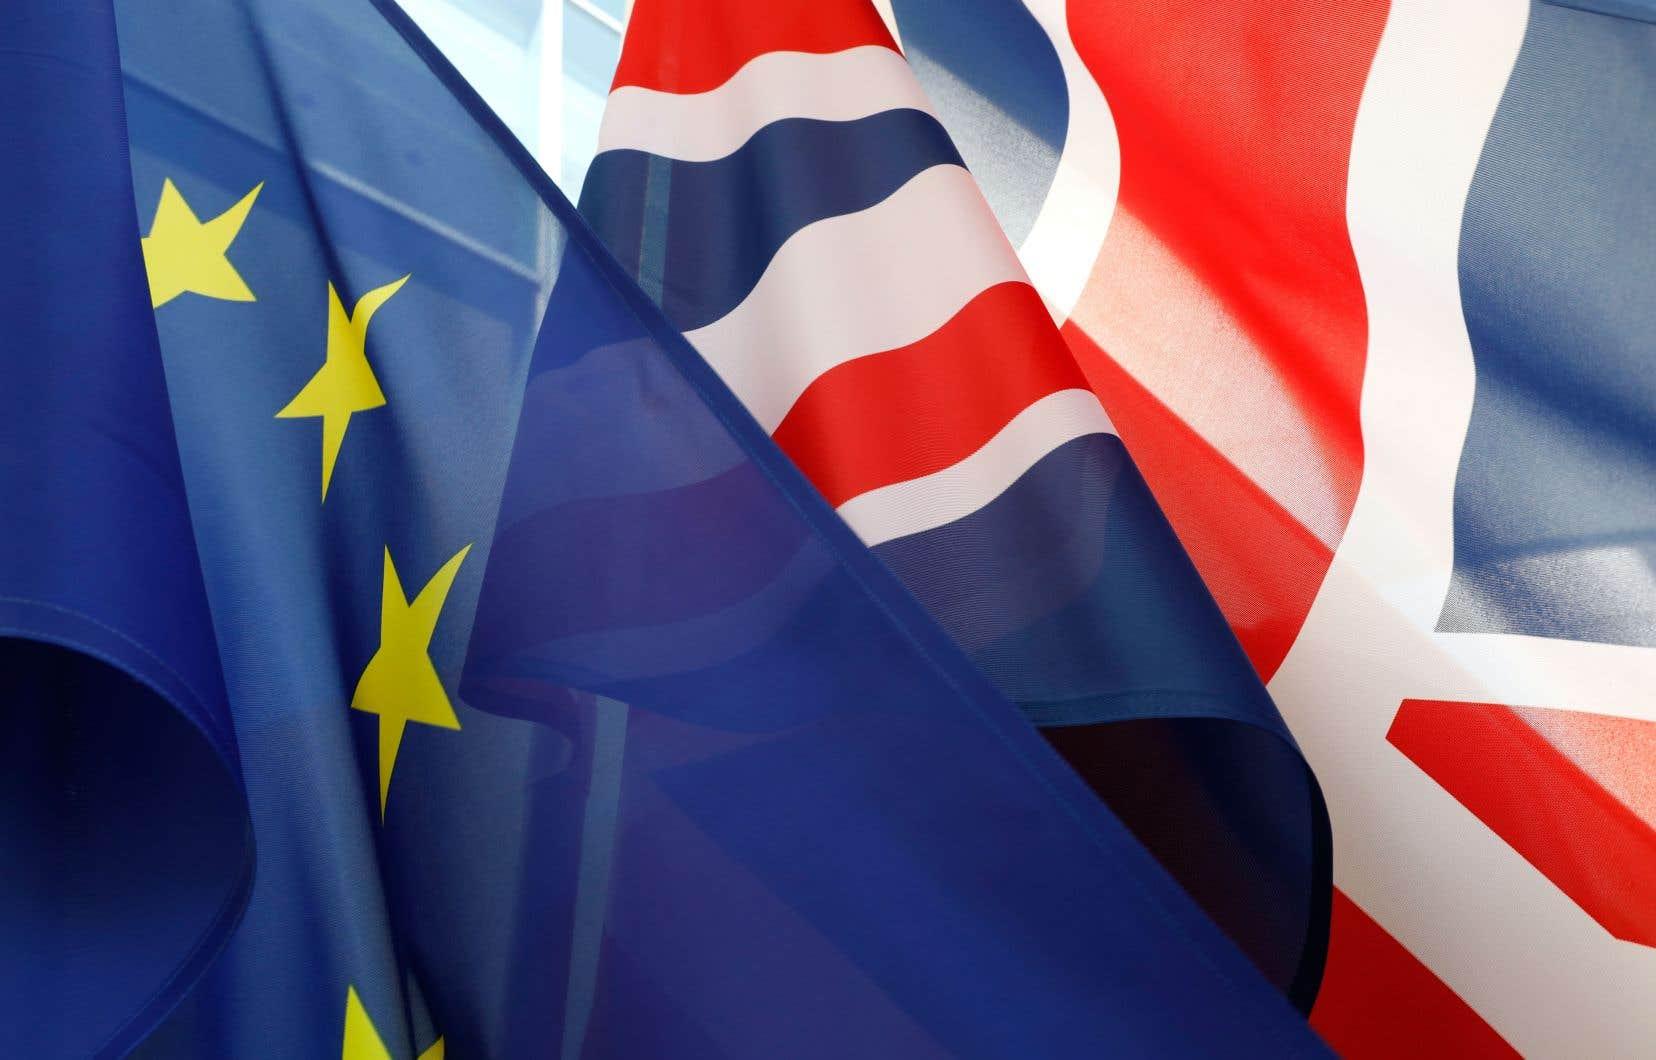 «Le retrait du Royaume-Uni, s'il n'est pas vraiment incongru, ouvre une brèche dans l'unité du projet d'Union européenne, qui ne fait plus l'unanimité», estimeVictorine Michalon-Brodeur.